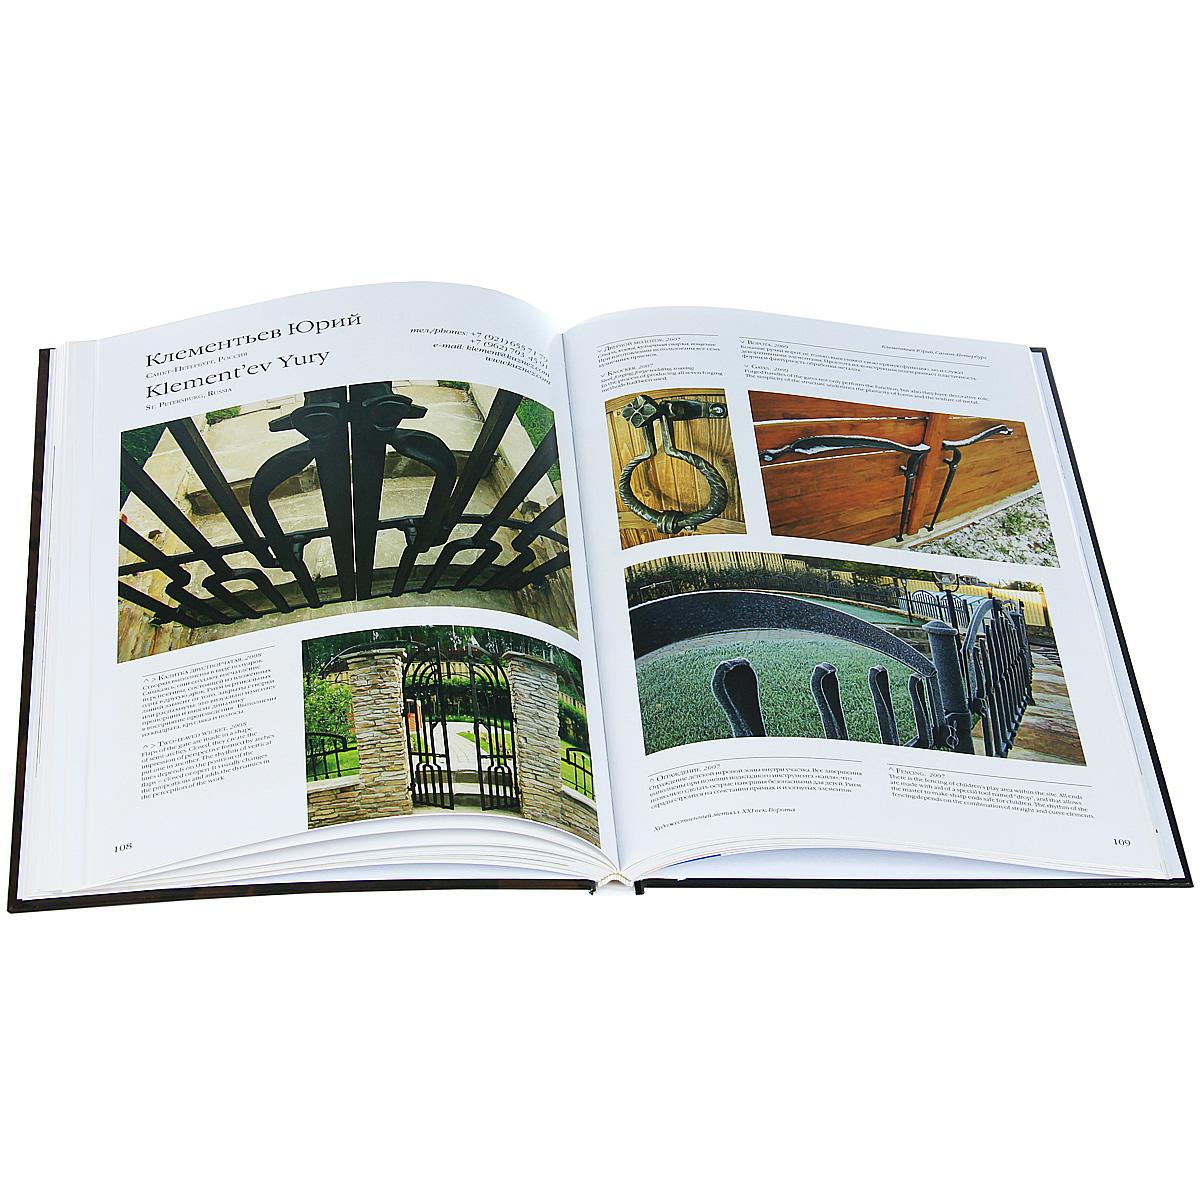 Лестницы, ворота, ограждения / Staircases, Gates, Fences